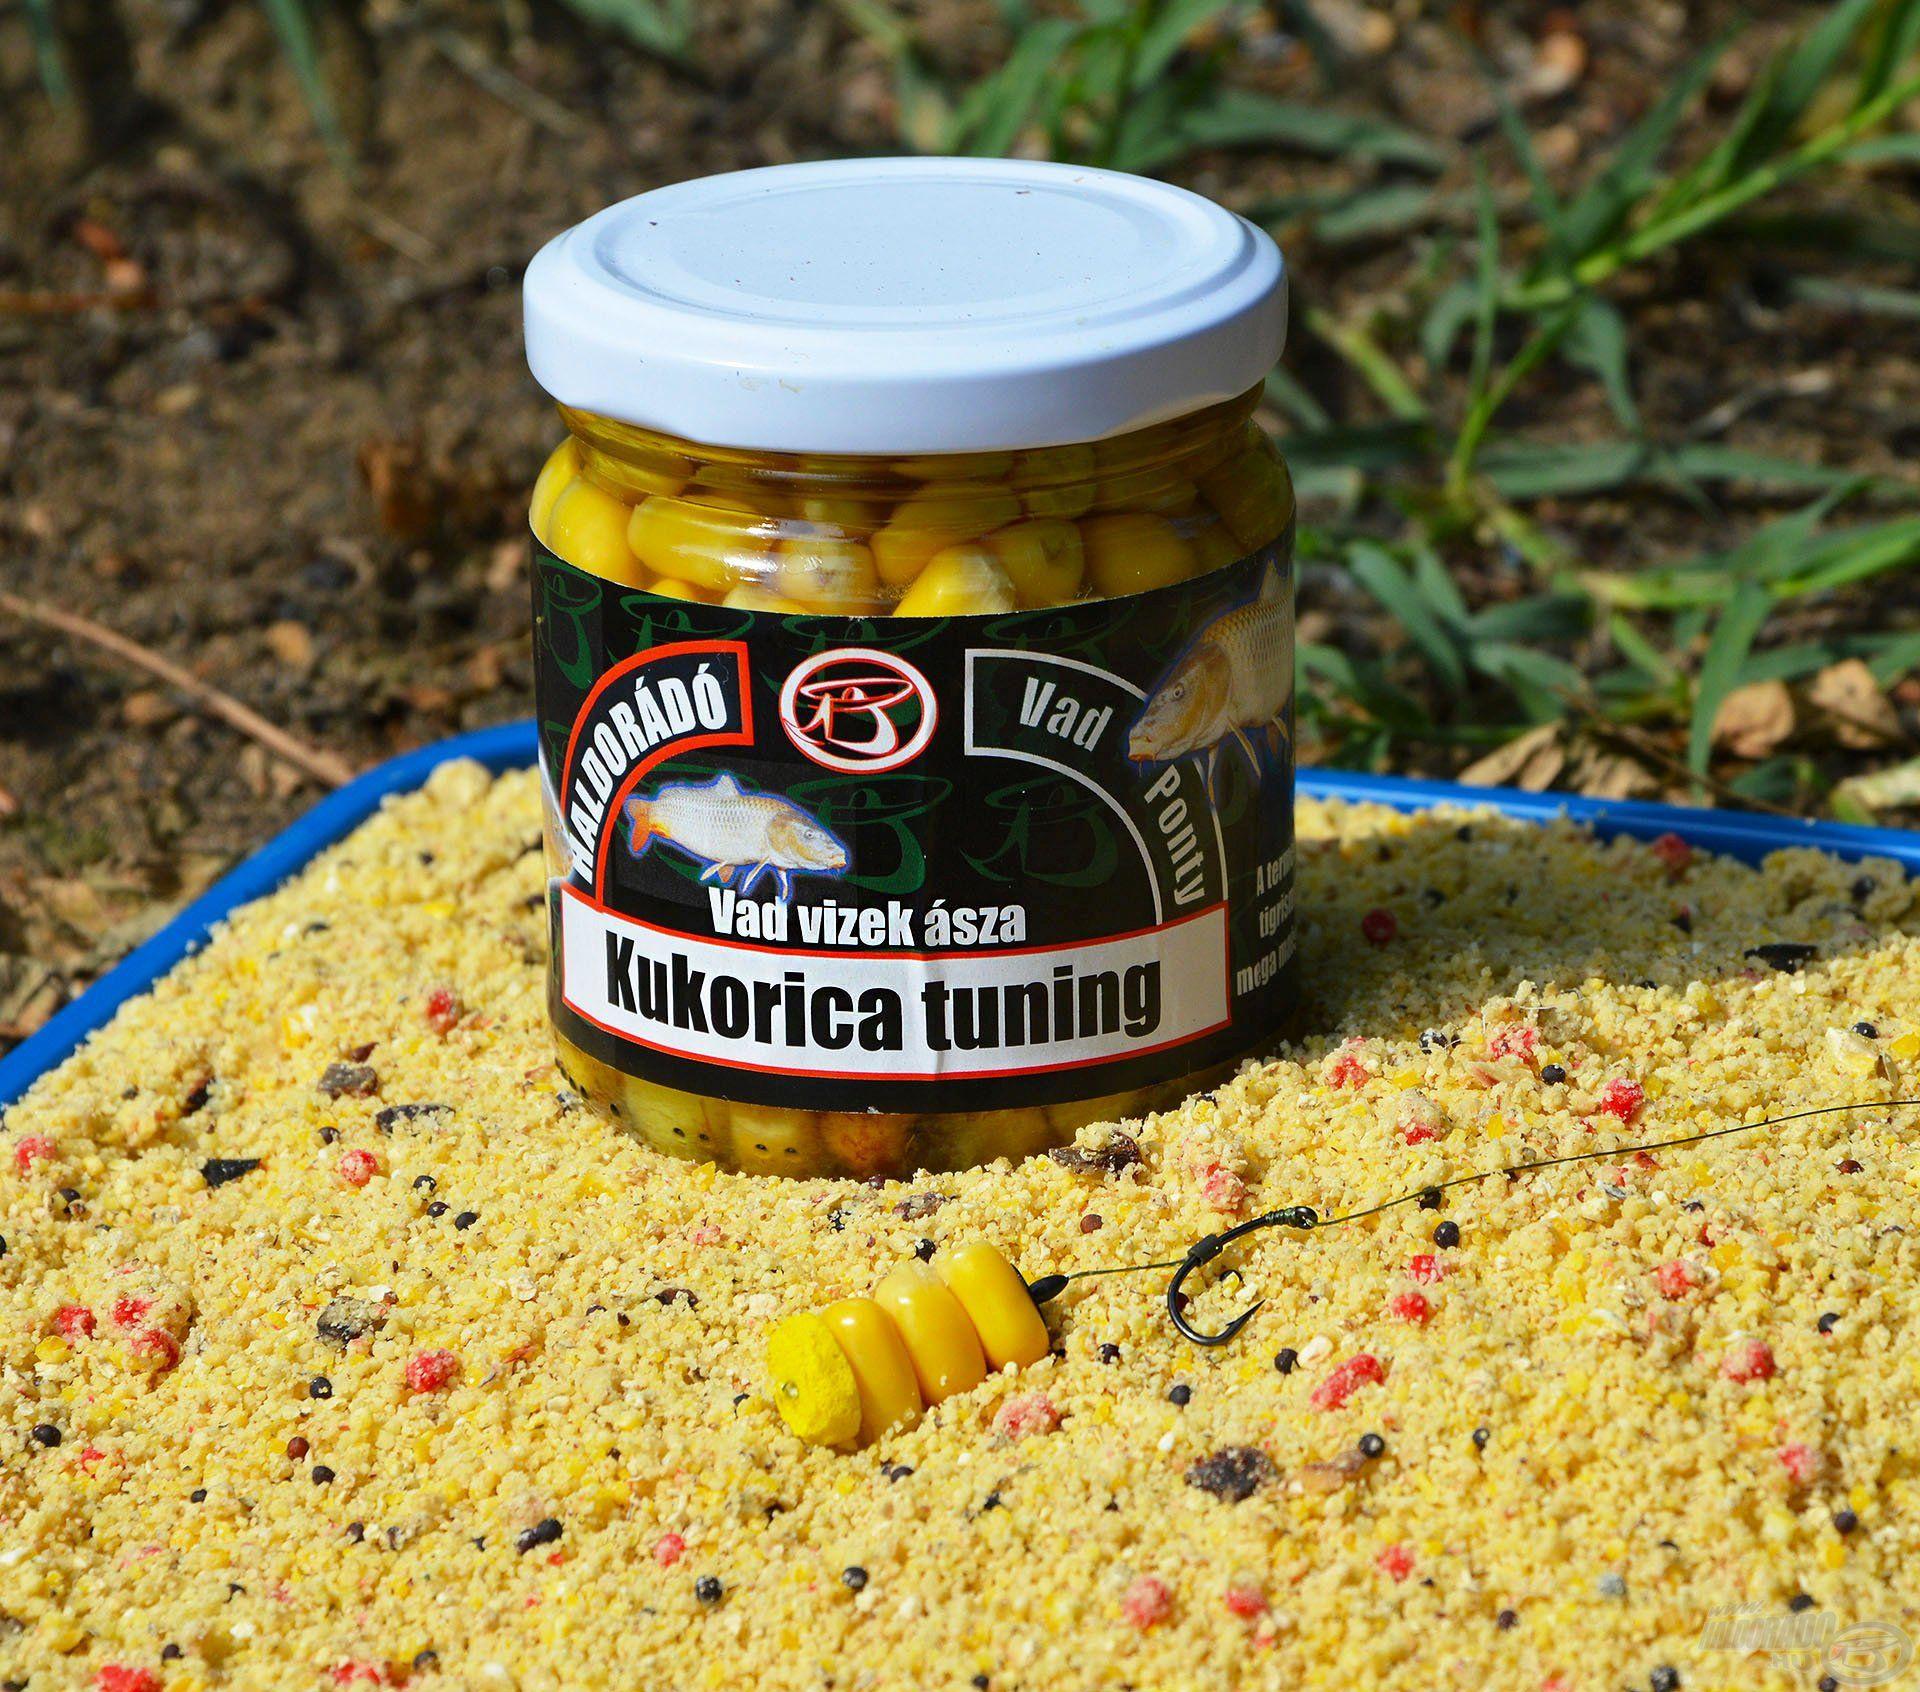 A Vad Ponty Kukorica Tuning az egyik legegyszerűbb és legfogósabb pontyos csali, ami sok éve elmaradhatatlan részét képezi a csalis táskámnak, bárhova megyek horgászni